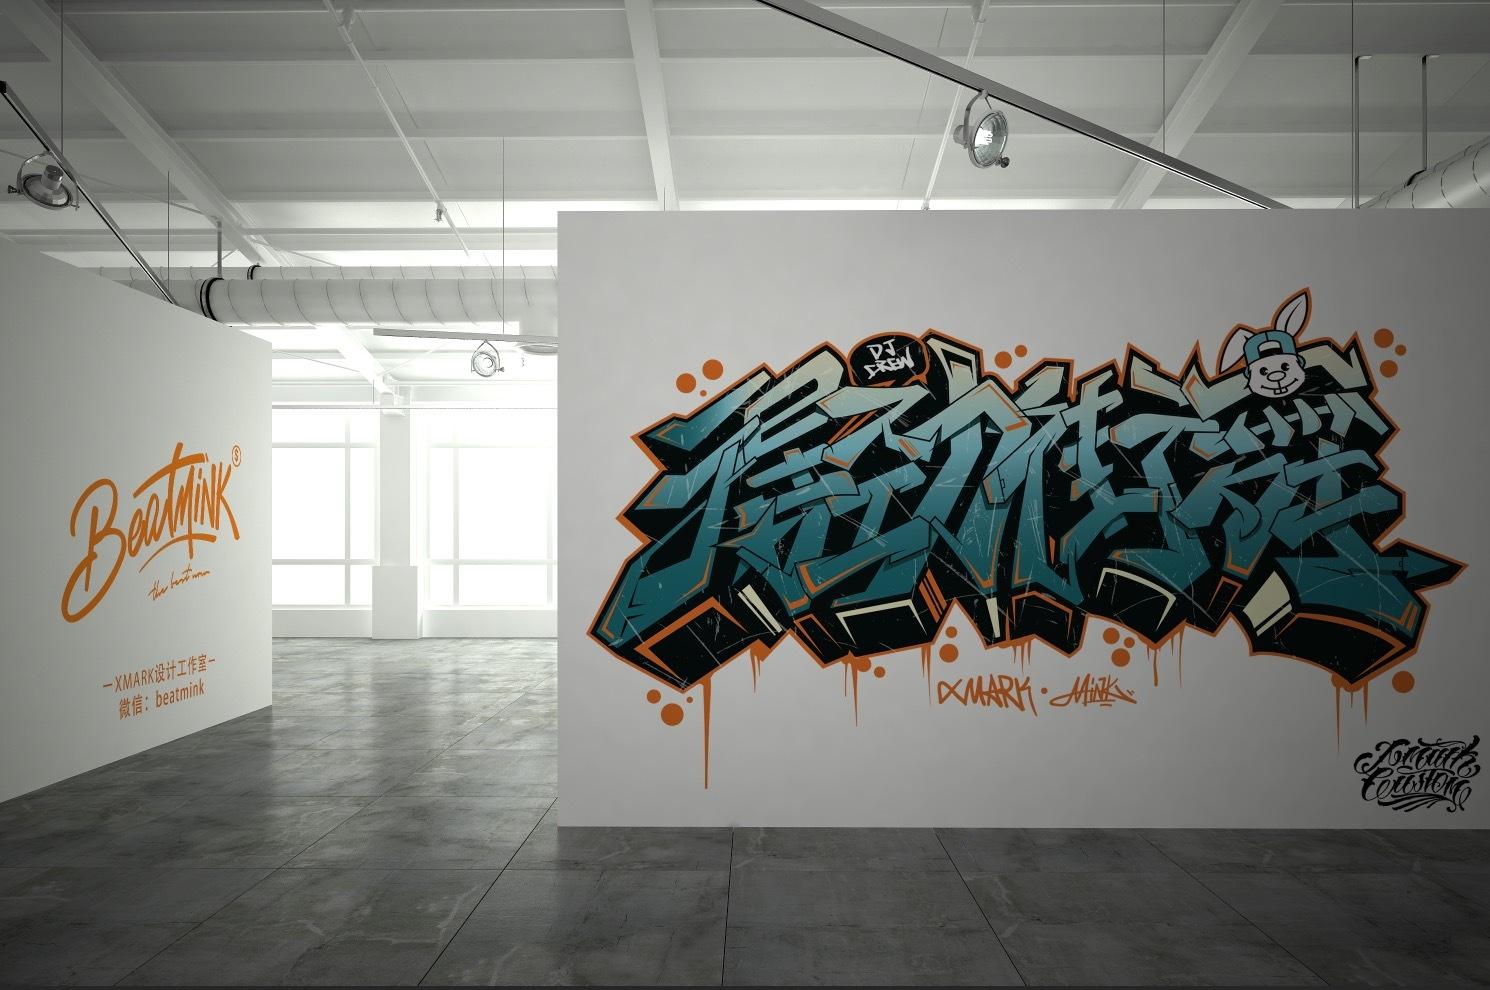 涂鸦中文字体设计宸哲建筑设计有限公司图片